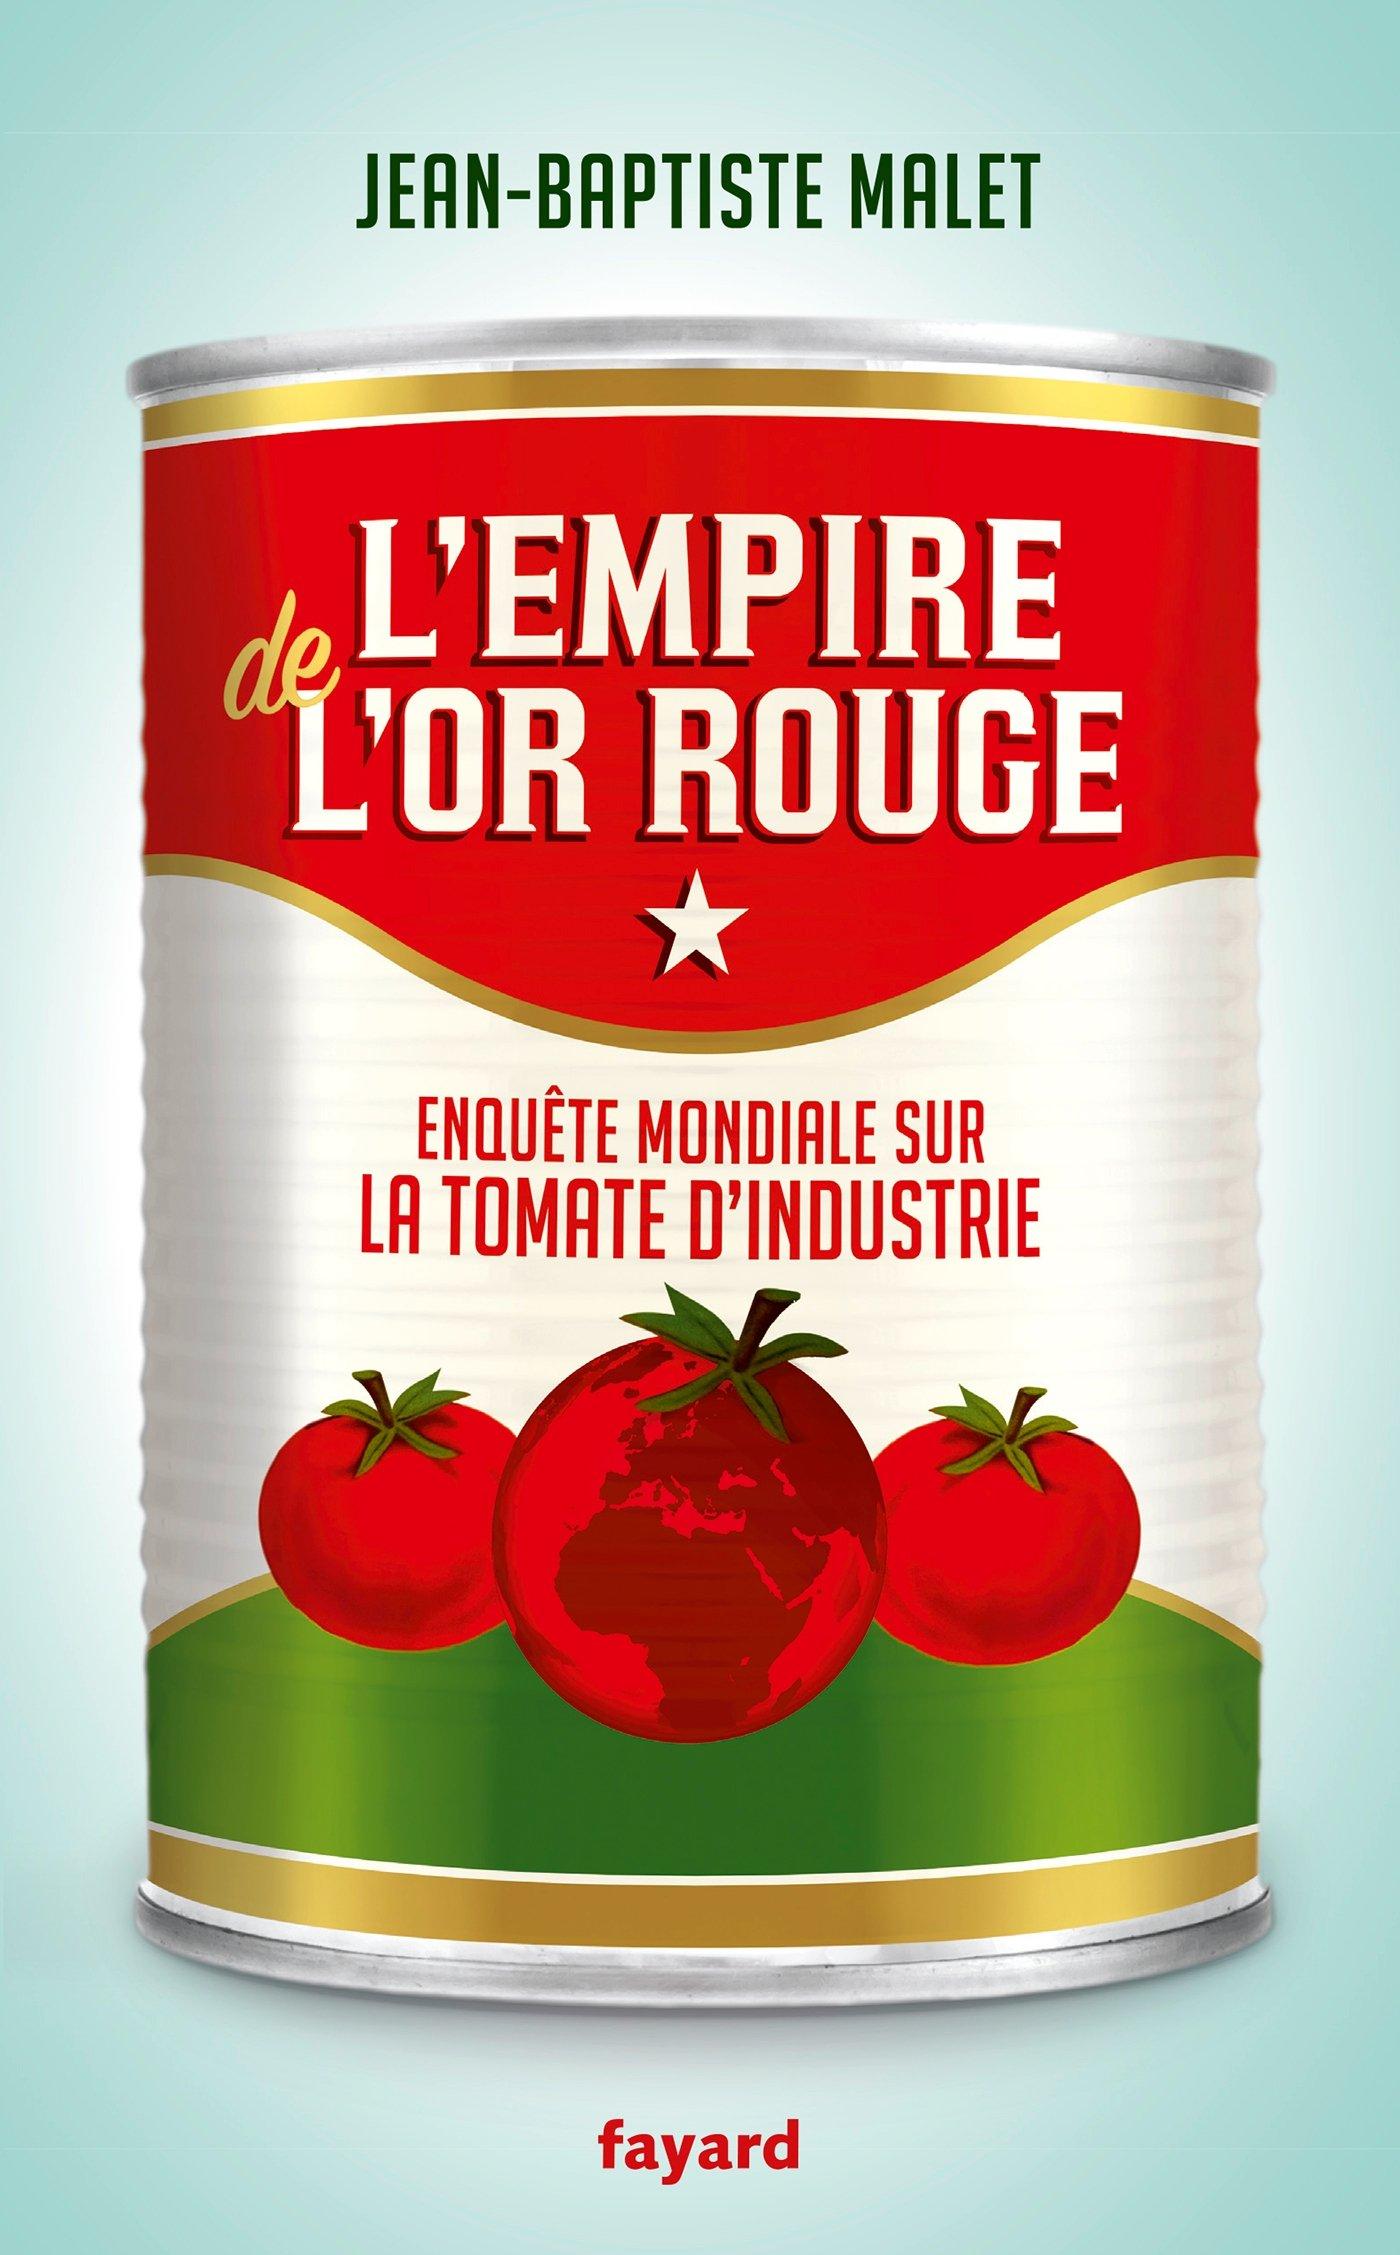 L'Empire de l'or rouge: Enquête mondiale sur la tomate d'industrie Broché – 17 mai 2017 Jean-Baptiste Malet Fayard 2213681856 Actualités